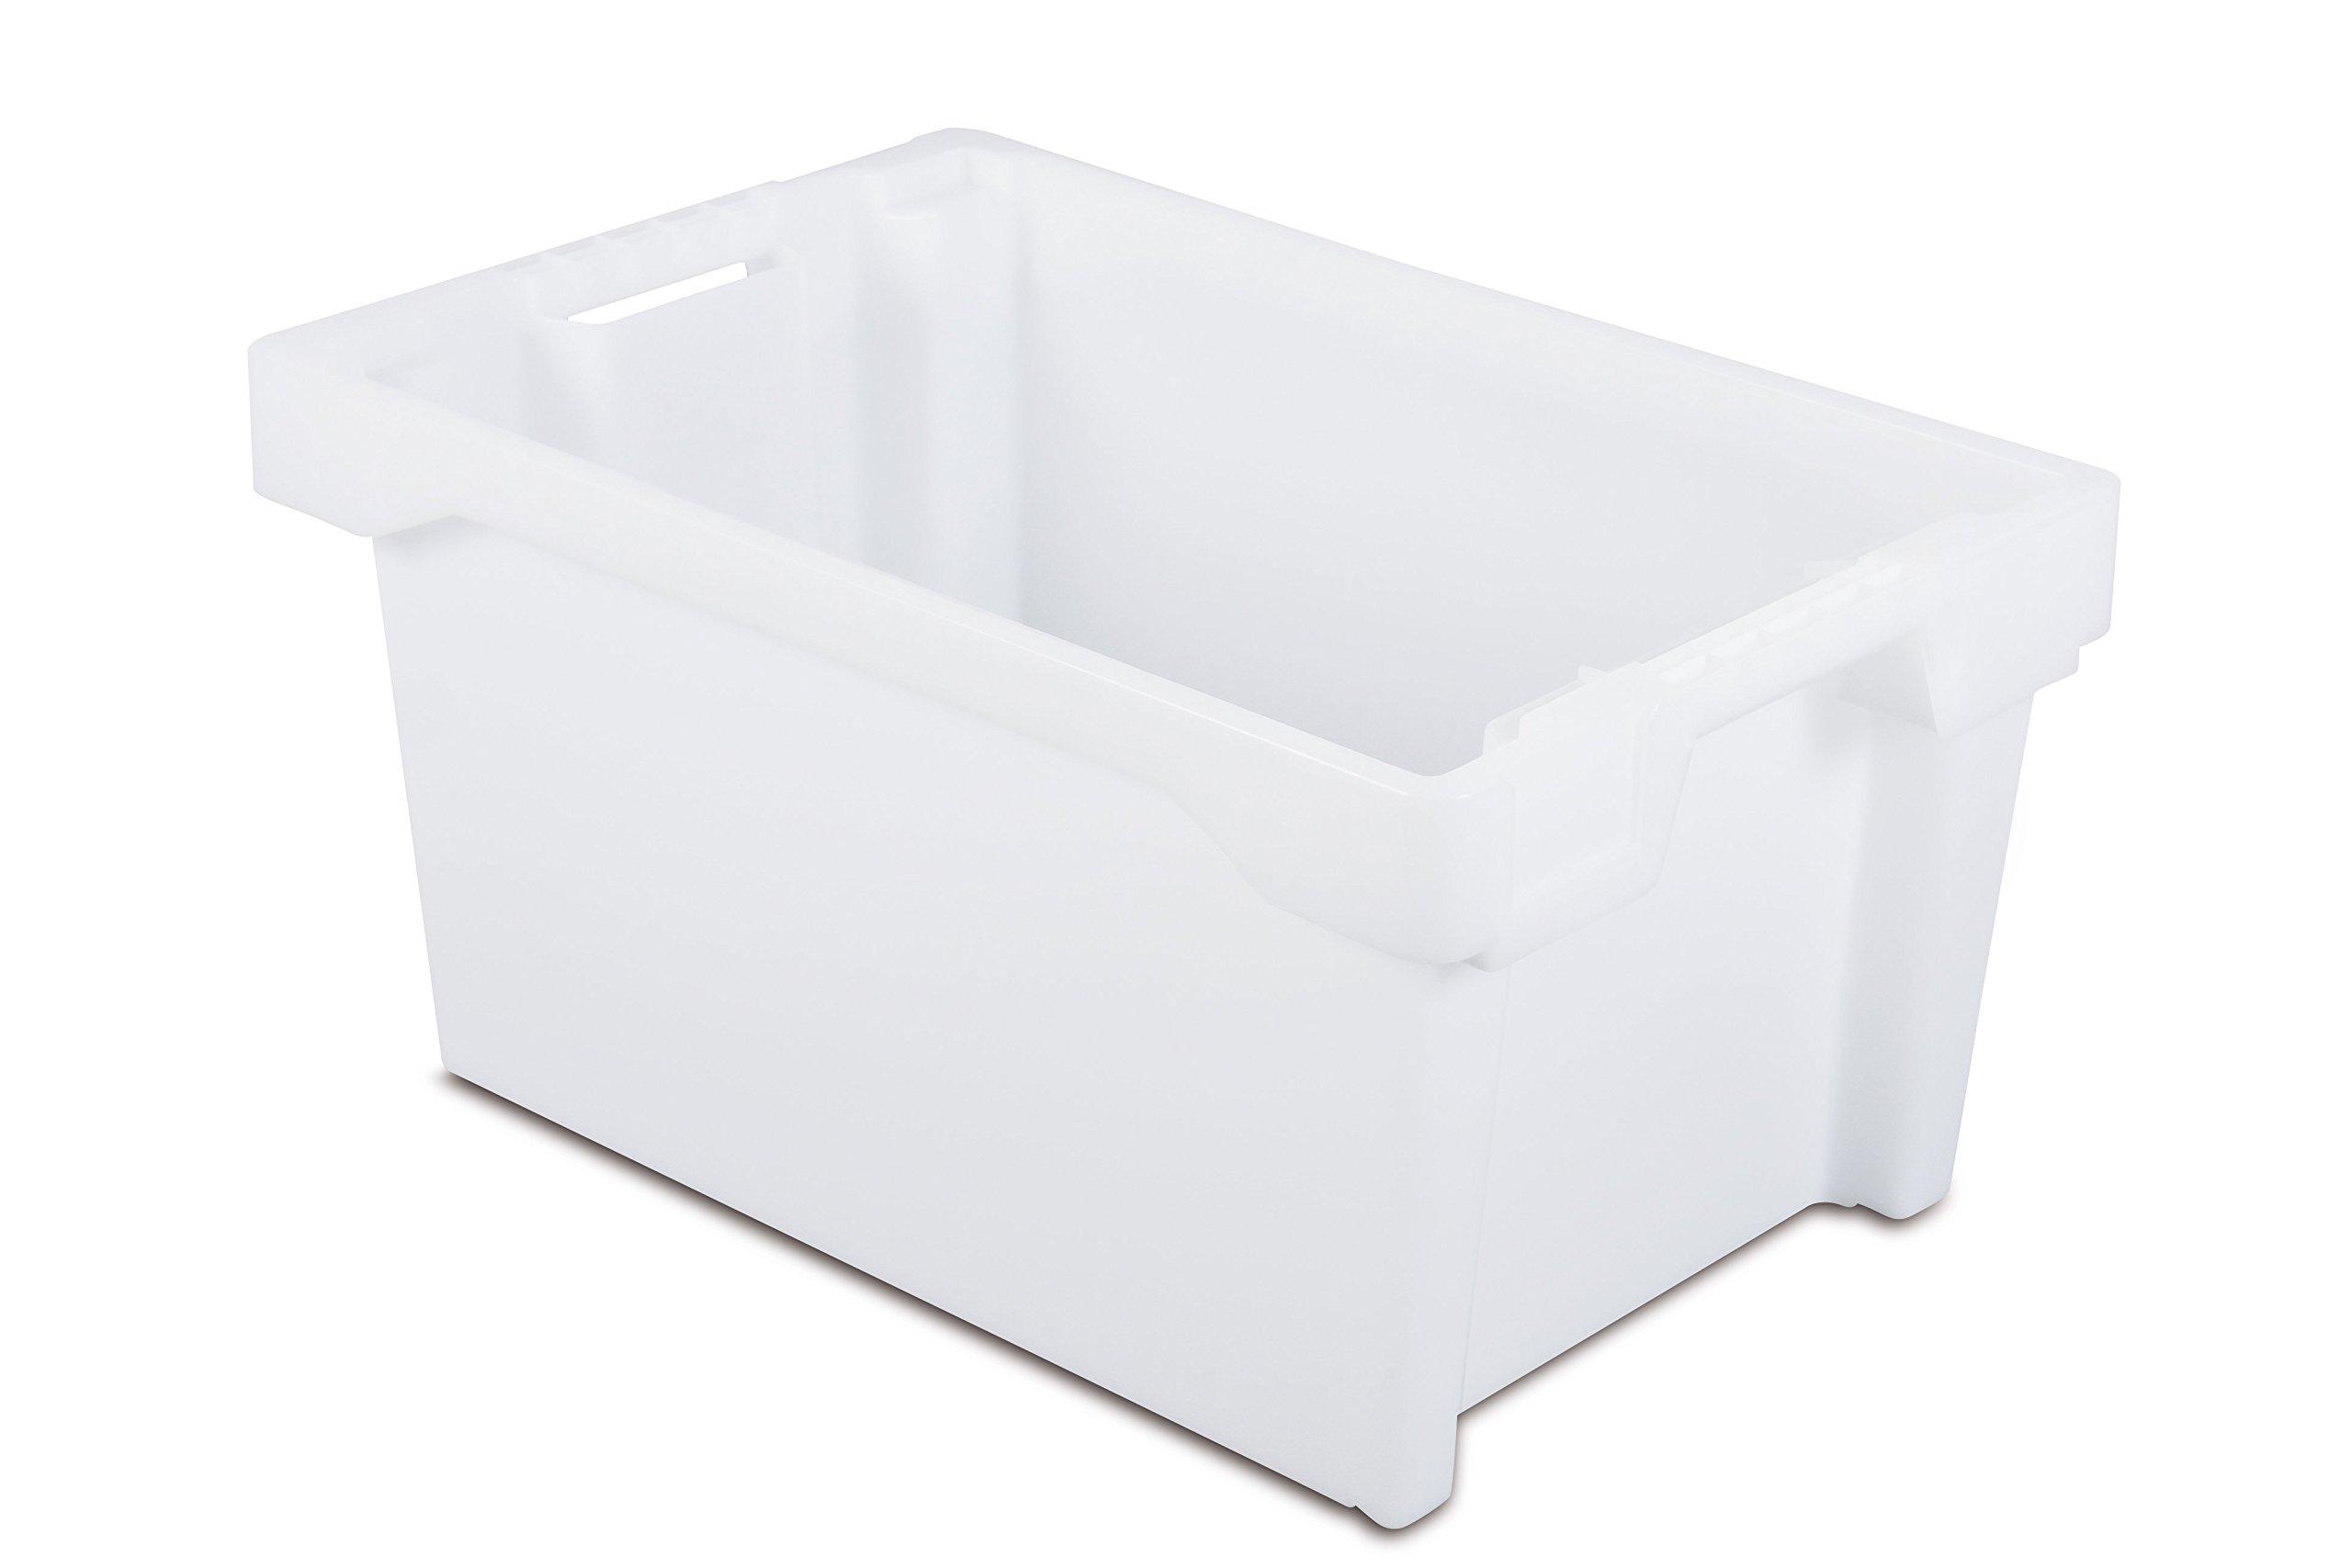 Tayg 6430-N Euro-caja para almacén y transporte 6430, Transparente, 600 x 400 x 300 mm: Amazon.es: Bricolaje y herramientas